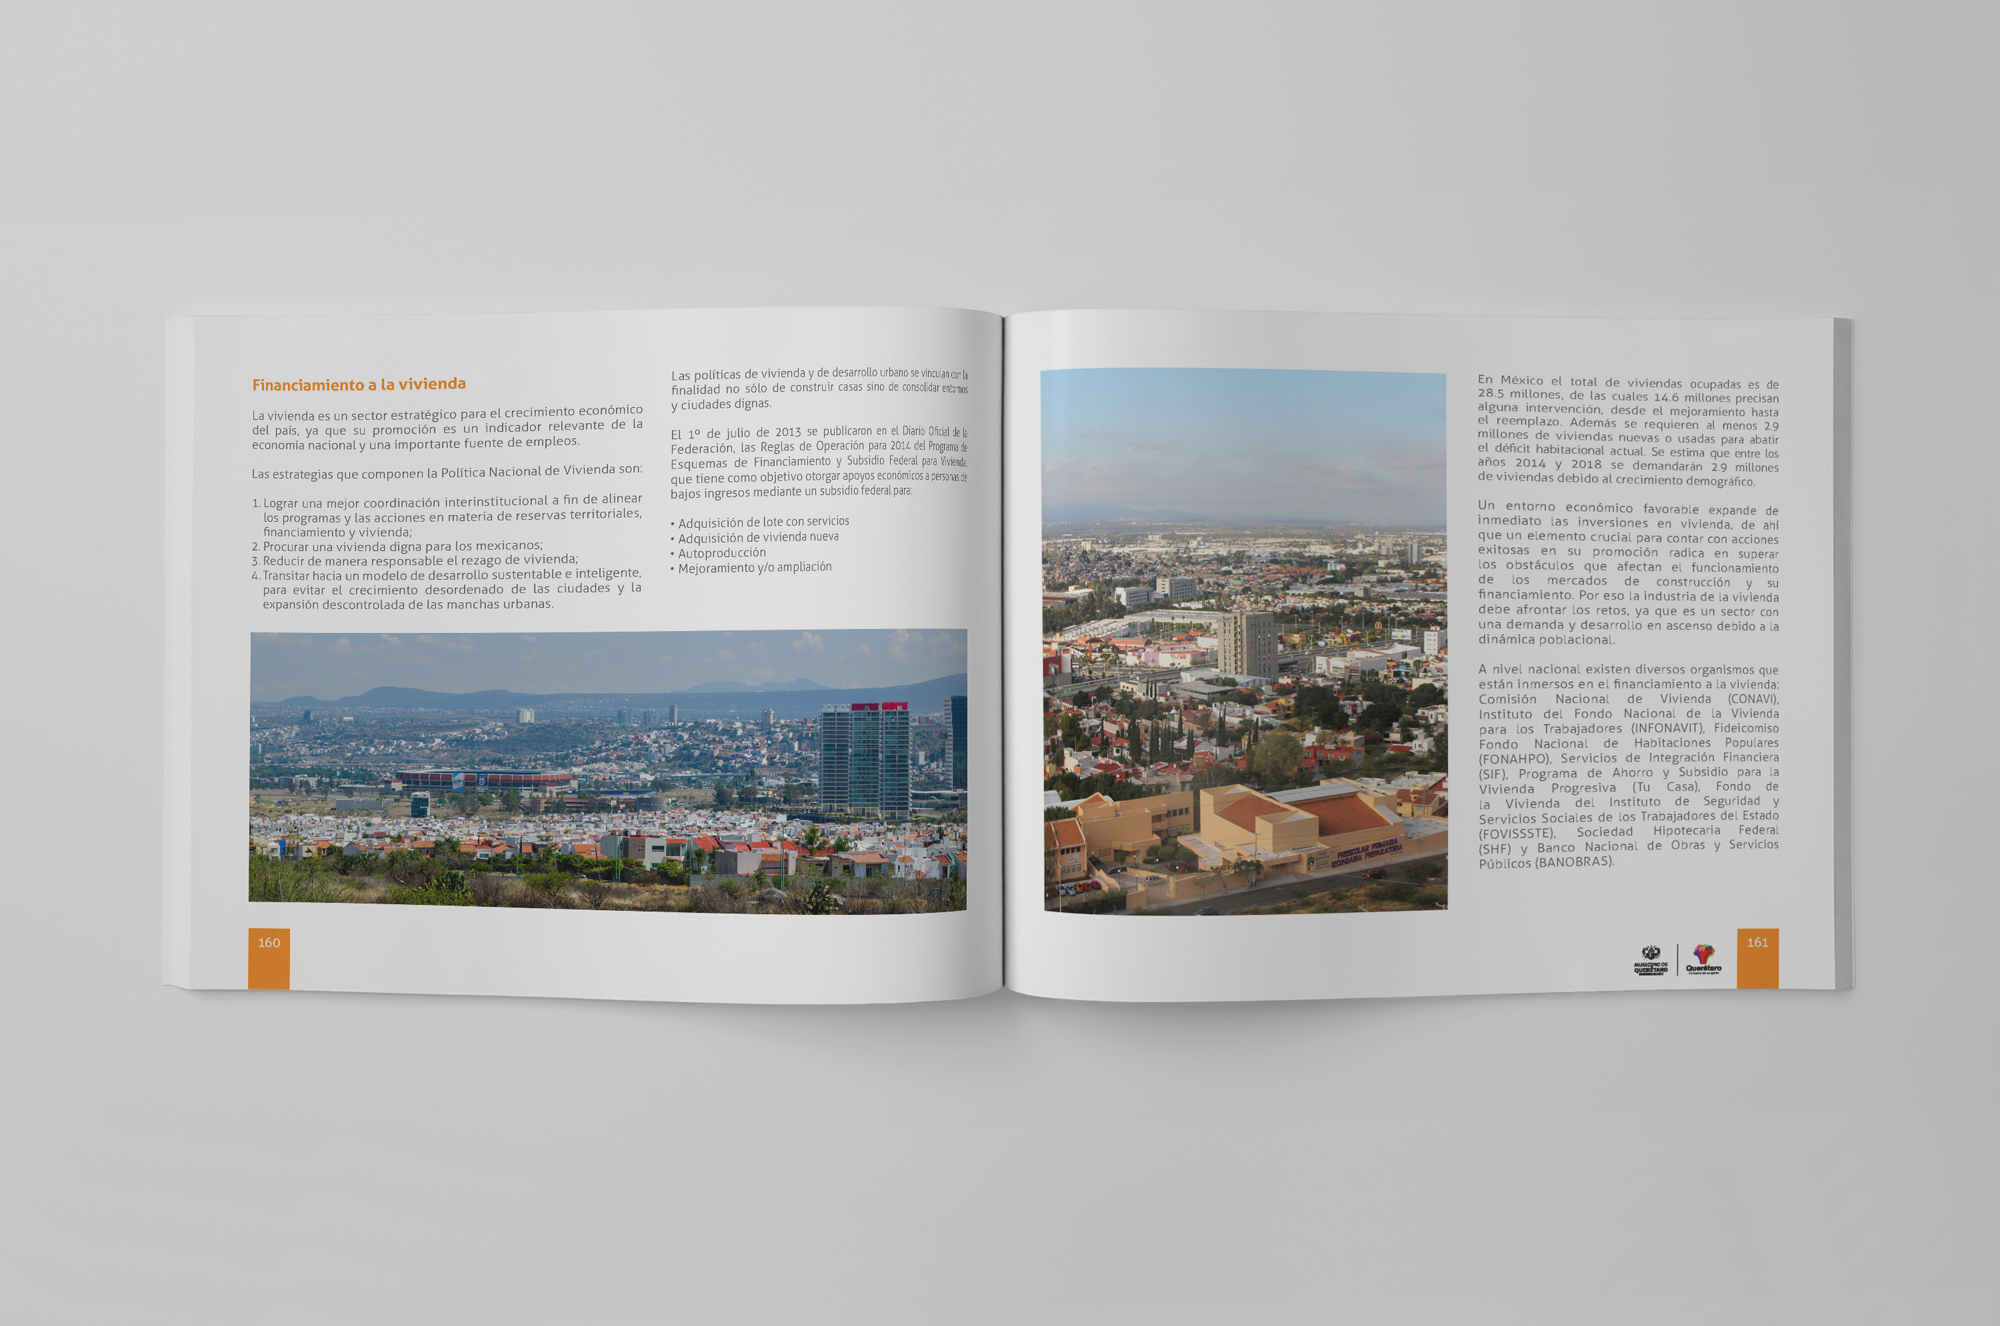 raniev-rod-alvarez-diseño-gráfico-queretaro-anuario-economico-municipal-queretaro-21